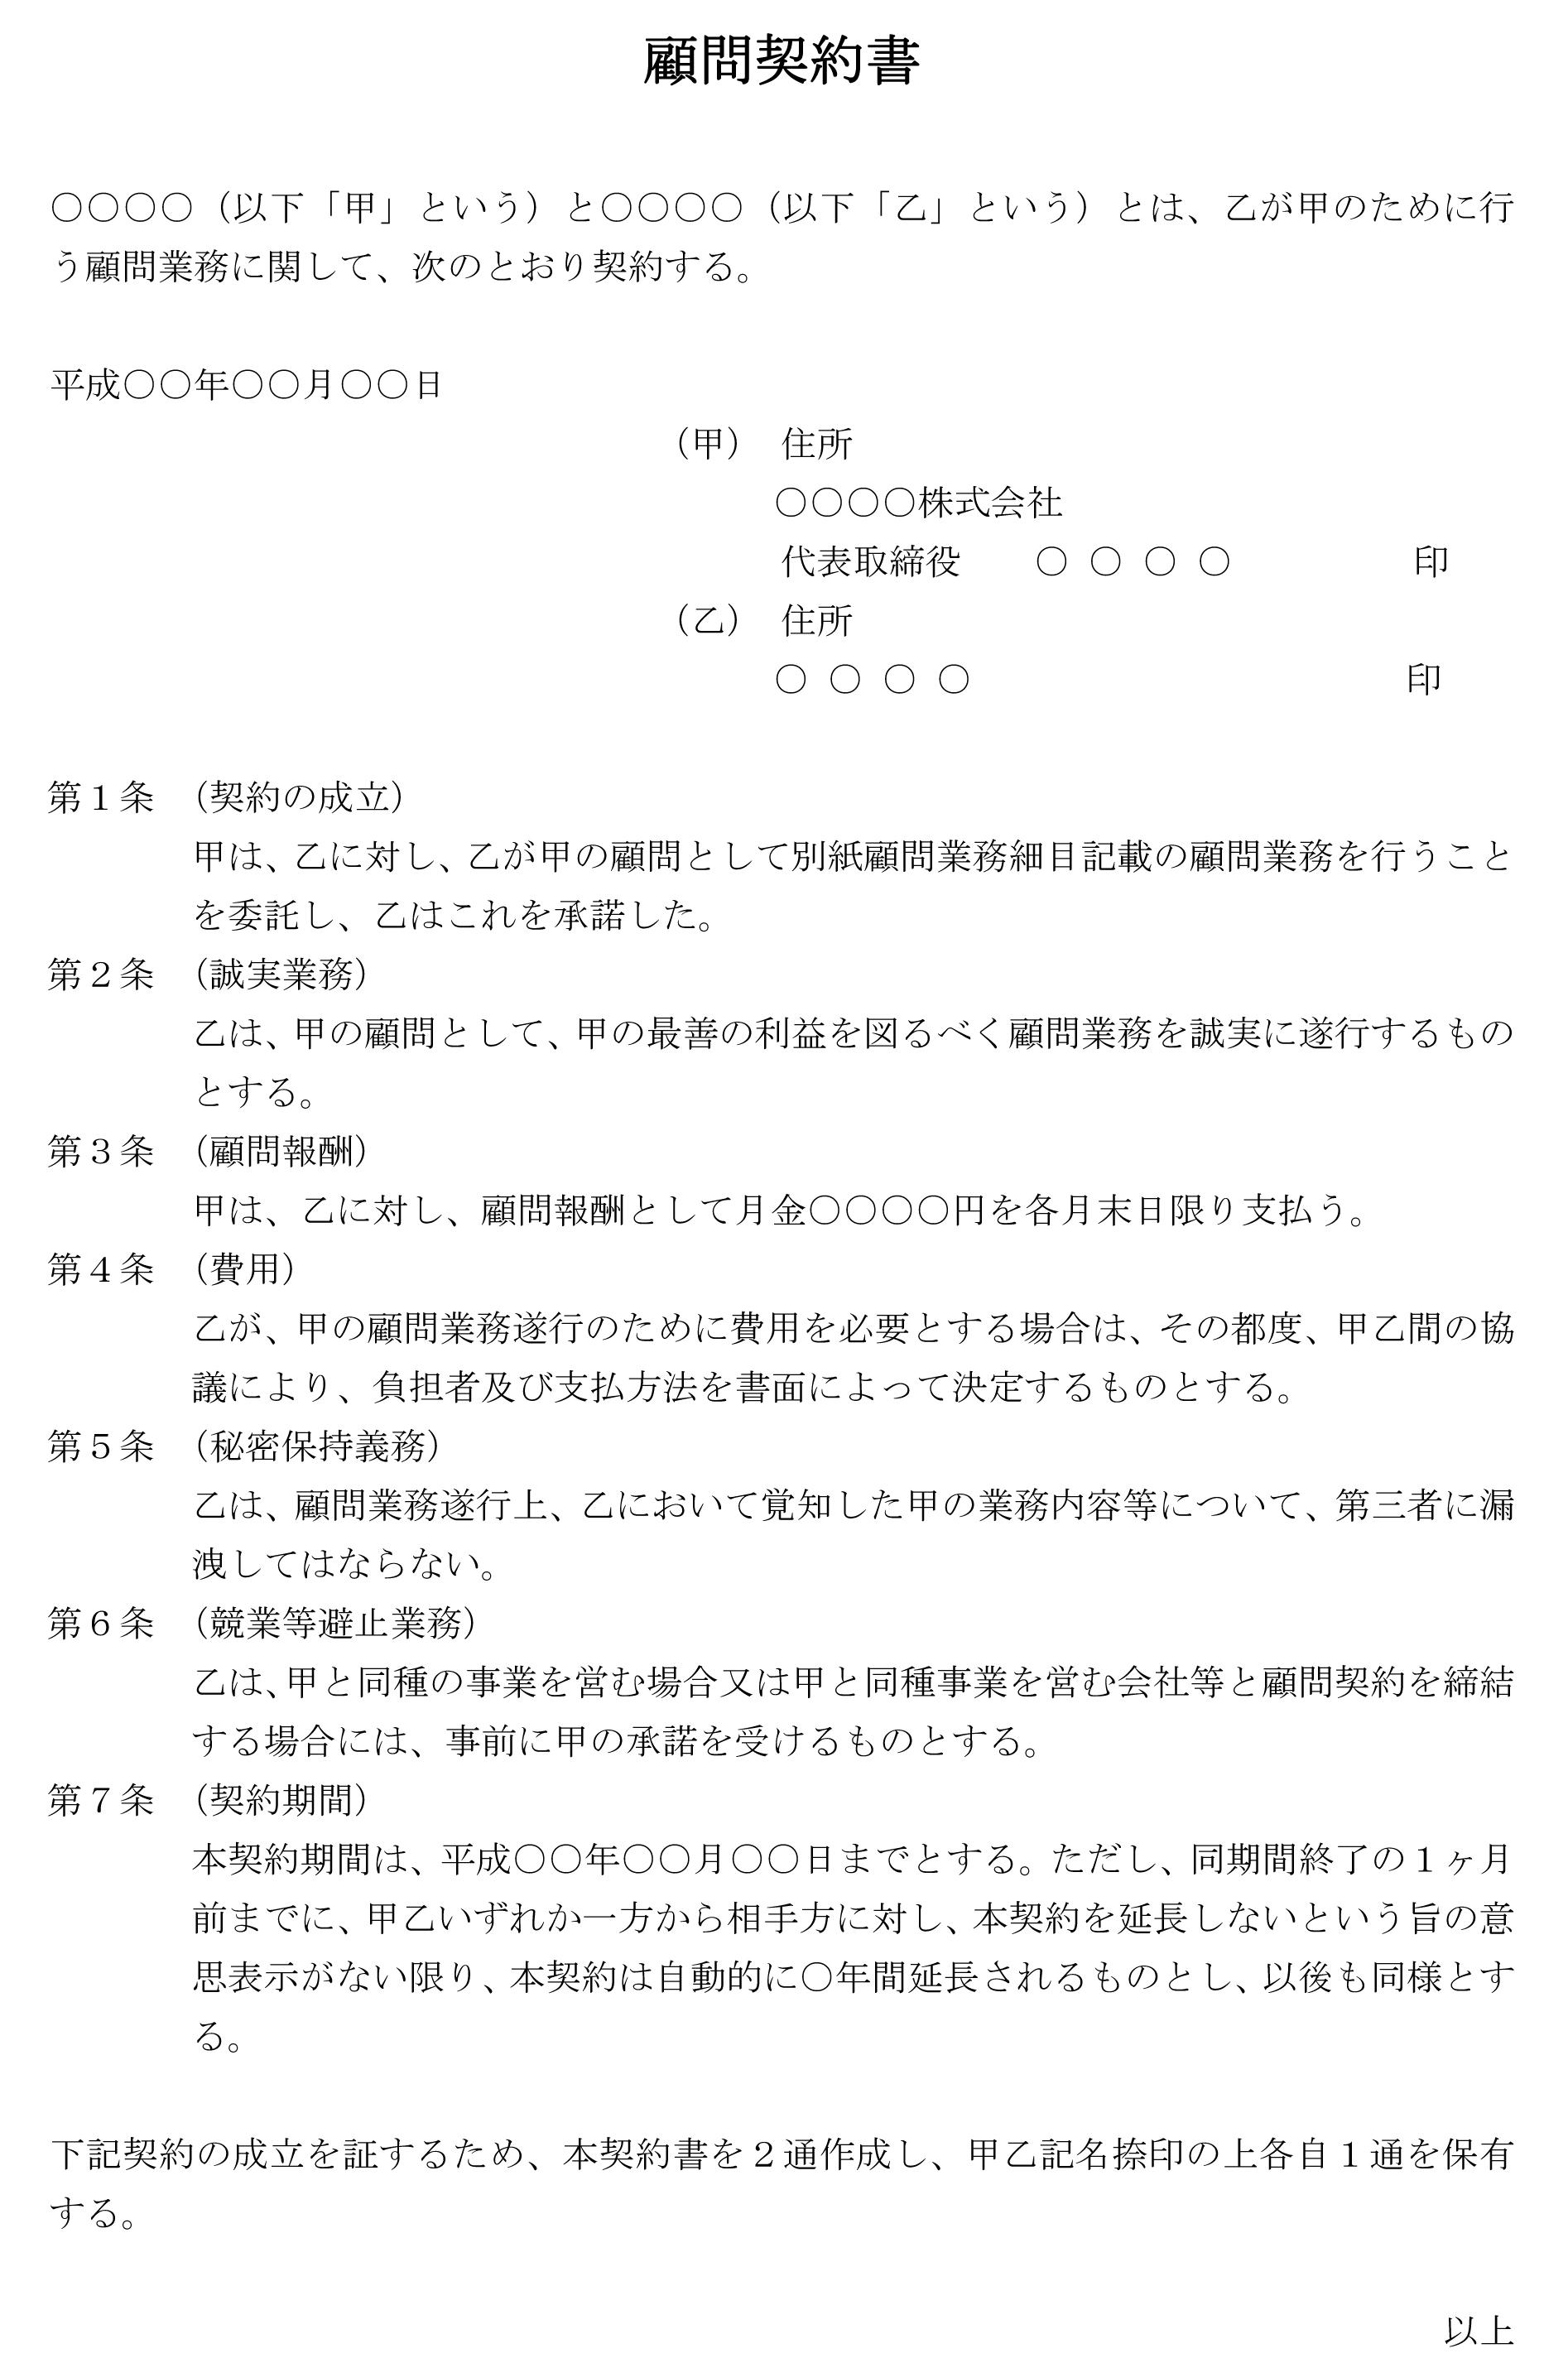 顧問契約書01